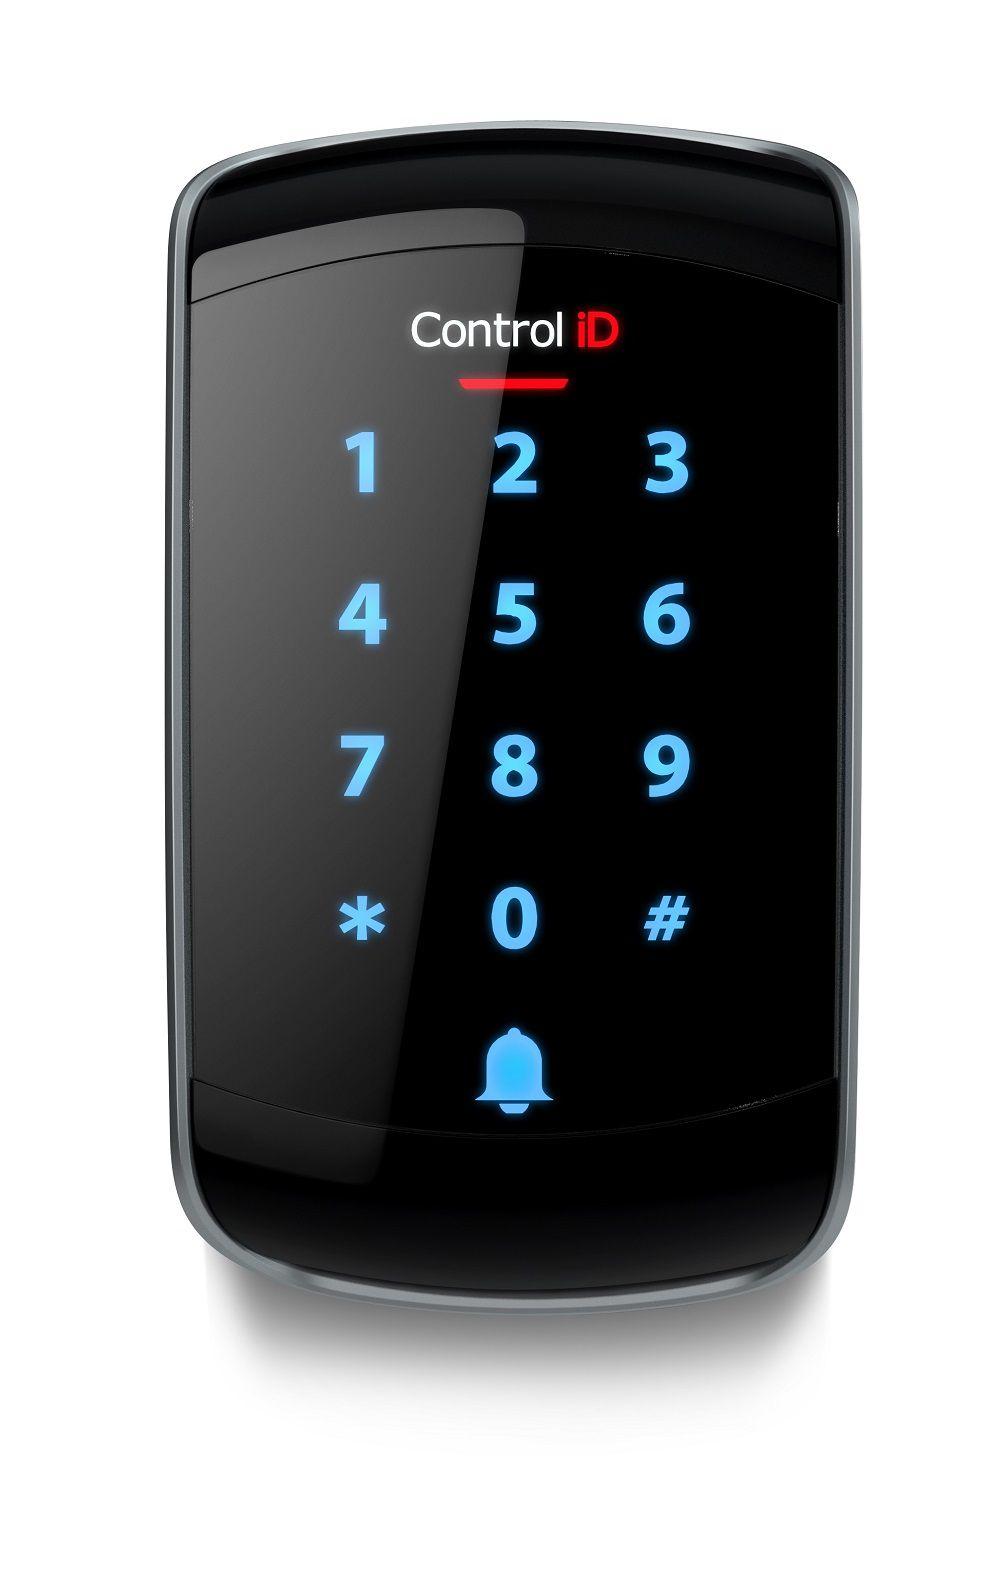 Teclado Capacitivo e Leitor de Proximidade IDTouch ControlID